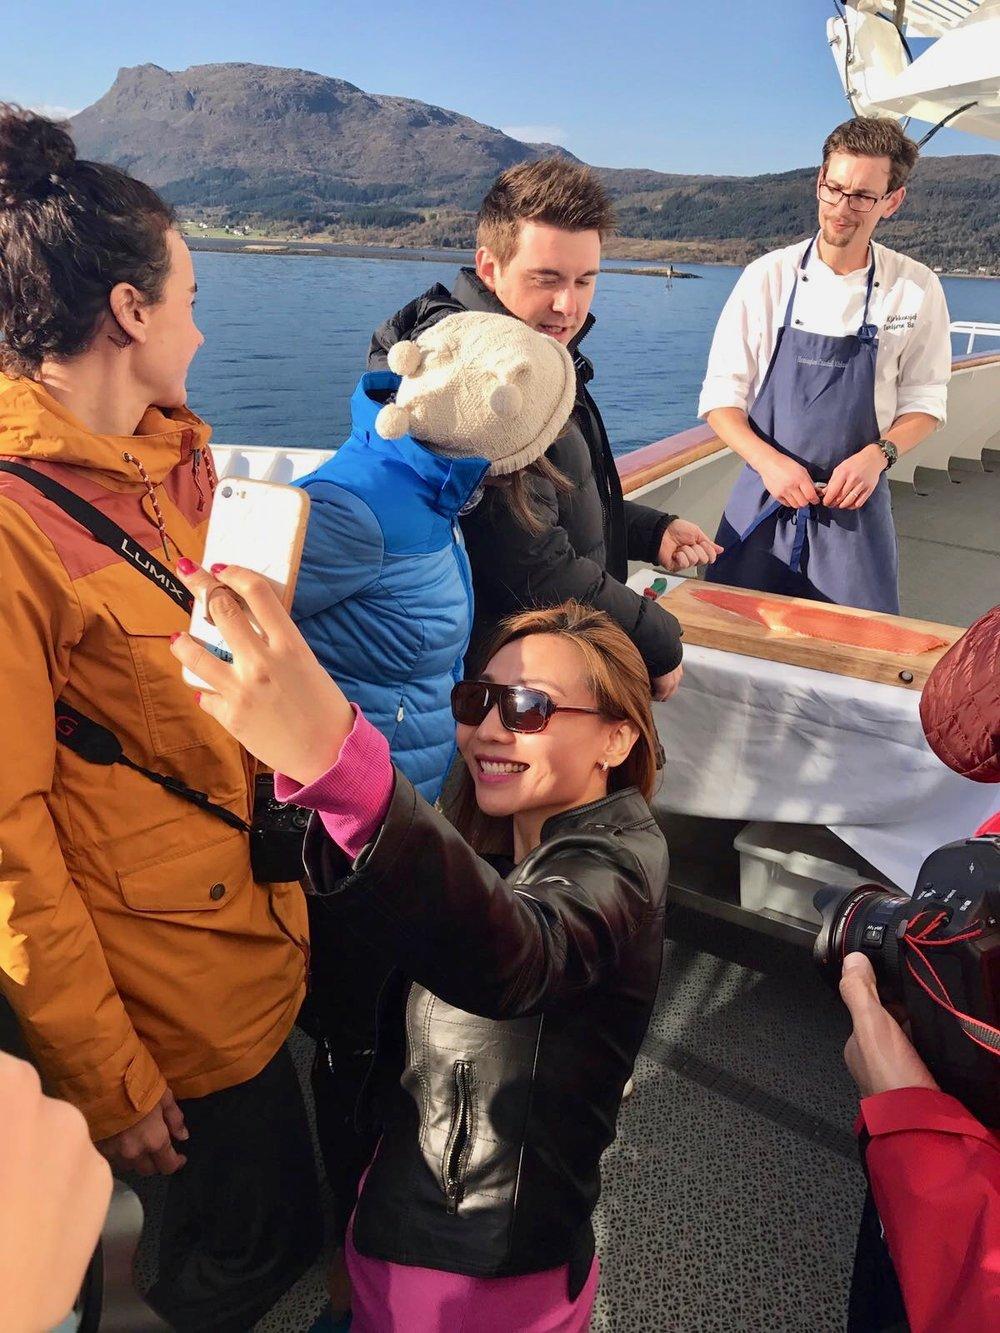 Kinesiske journalister, som Miao Shan, besøker gjerne Norge for å skrive hjem om opplevelser - som her fra Hurtigruten.                              Foto: Odd Roar Lange